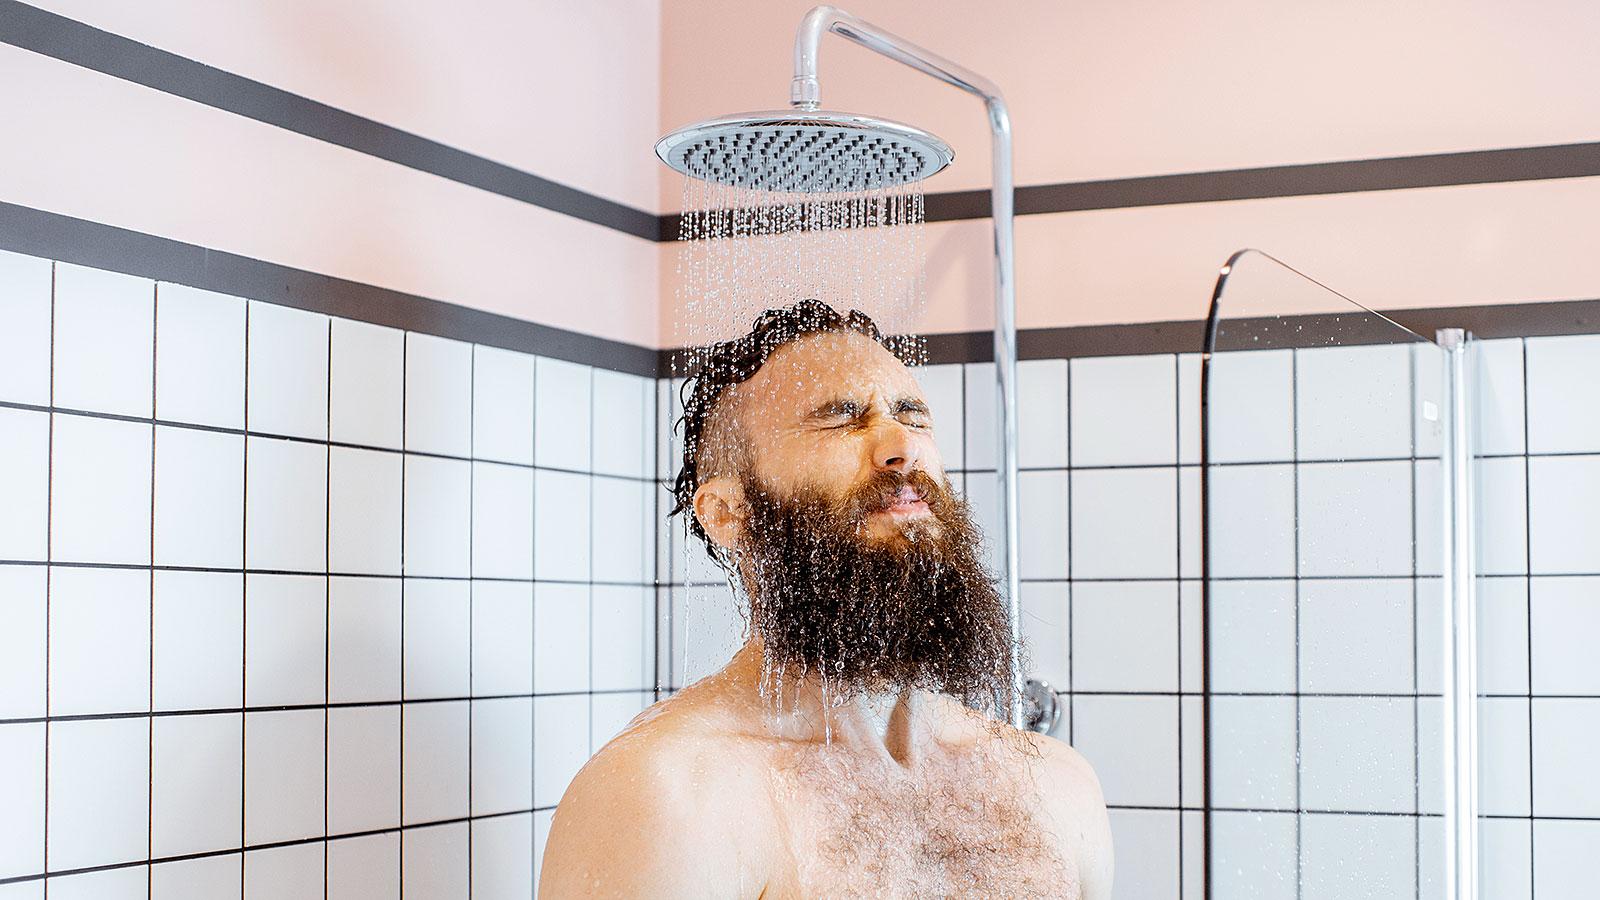 هل يفيد الاستحمام بالماء البارد لعلاج القلق - علاج آلام العضلات ويساعد على الاستيقاظ بسرعة ونشاط - فوائد الحمام البارد - علاج أعراض القلق